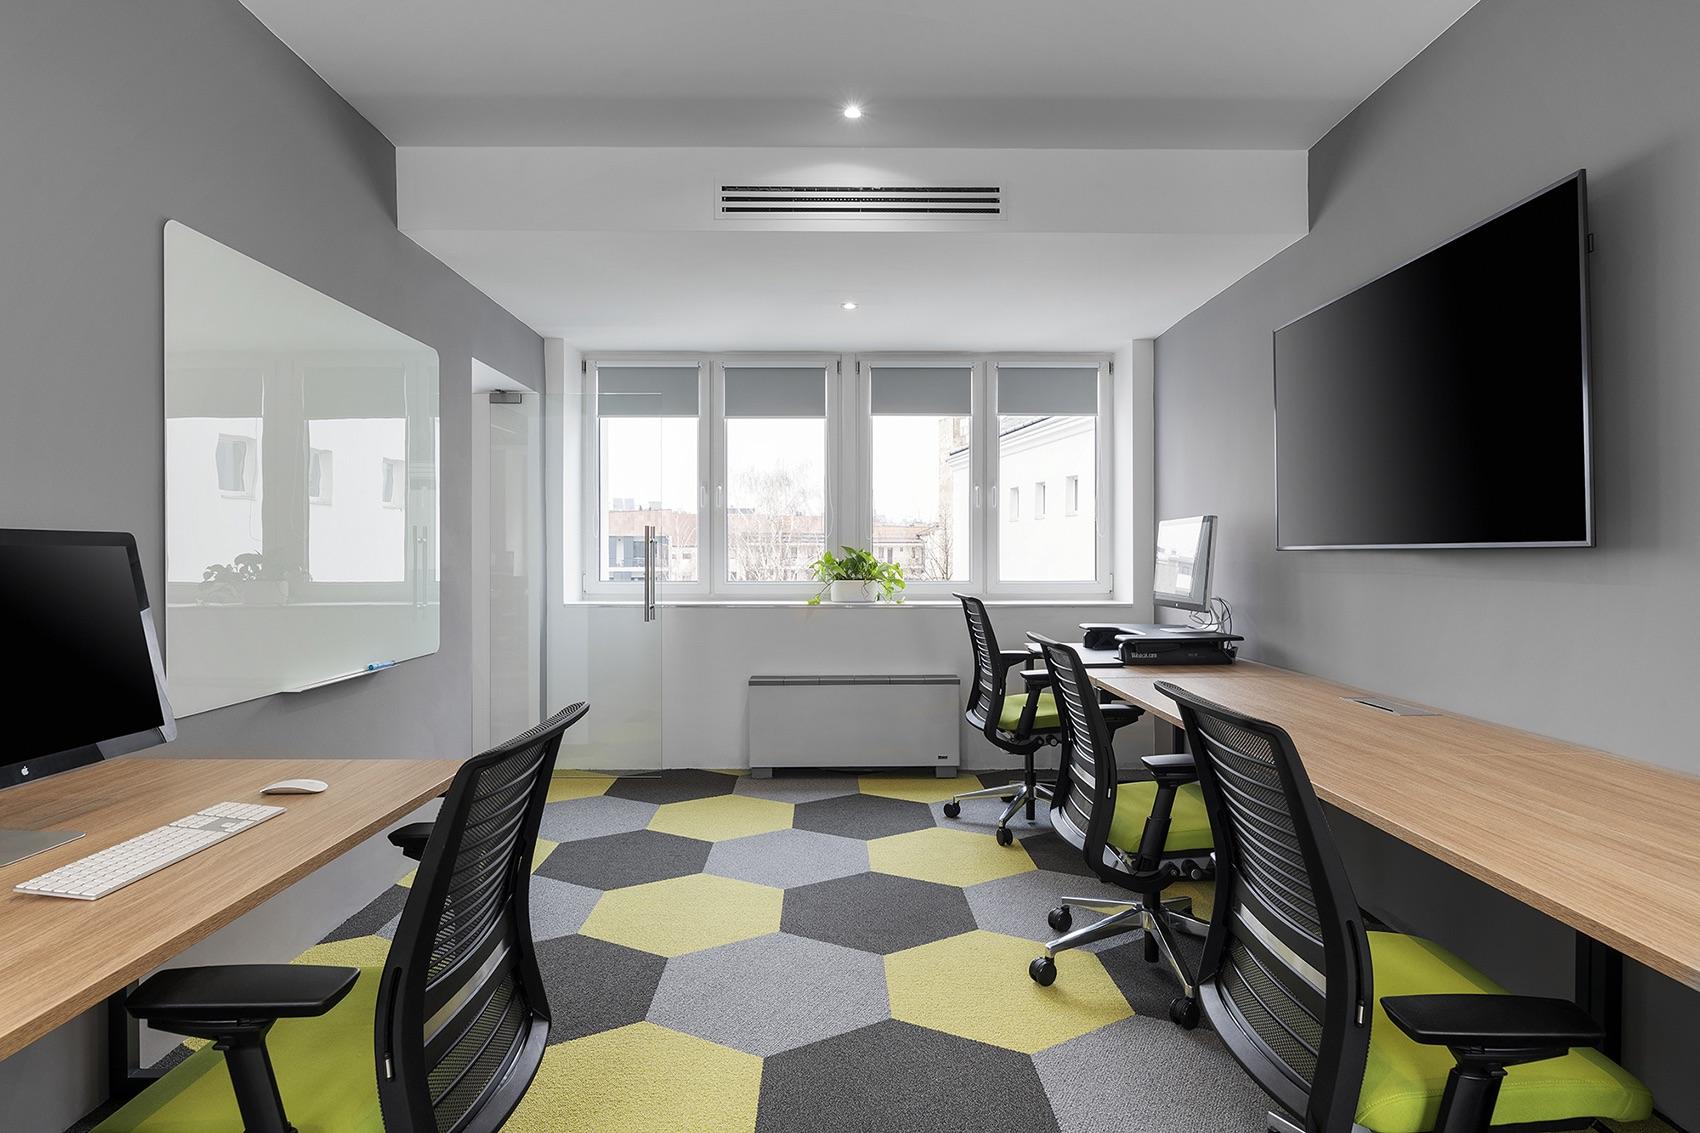 hortonworks-office-budapest-17